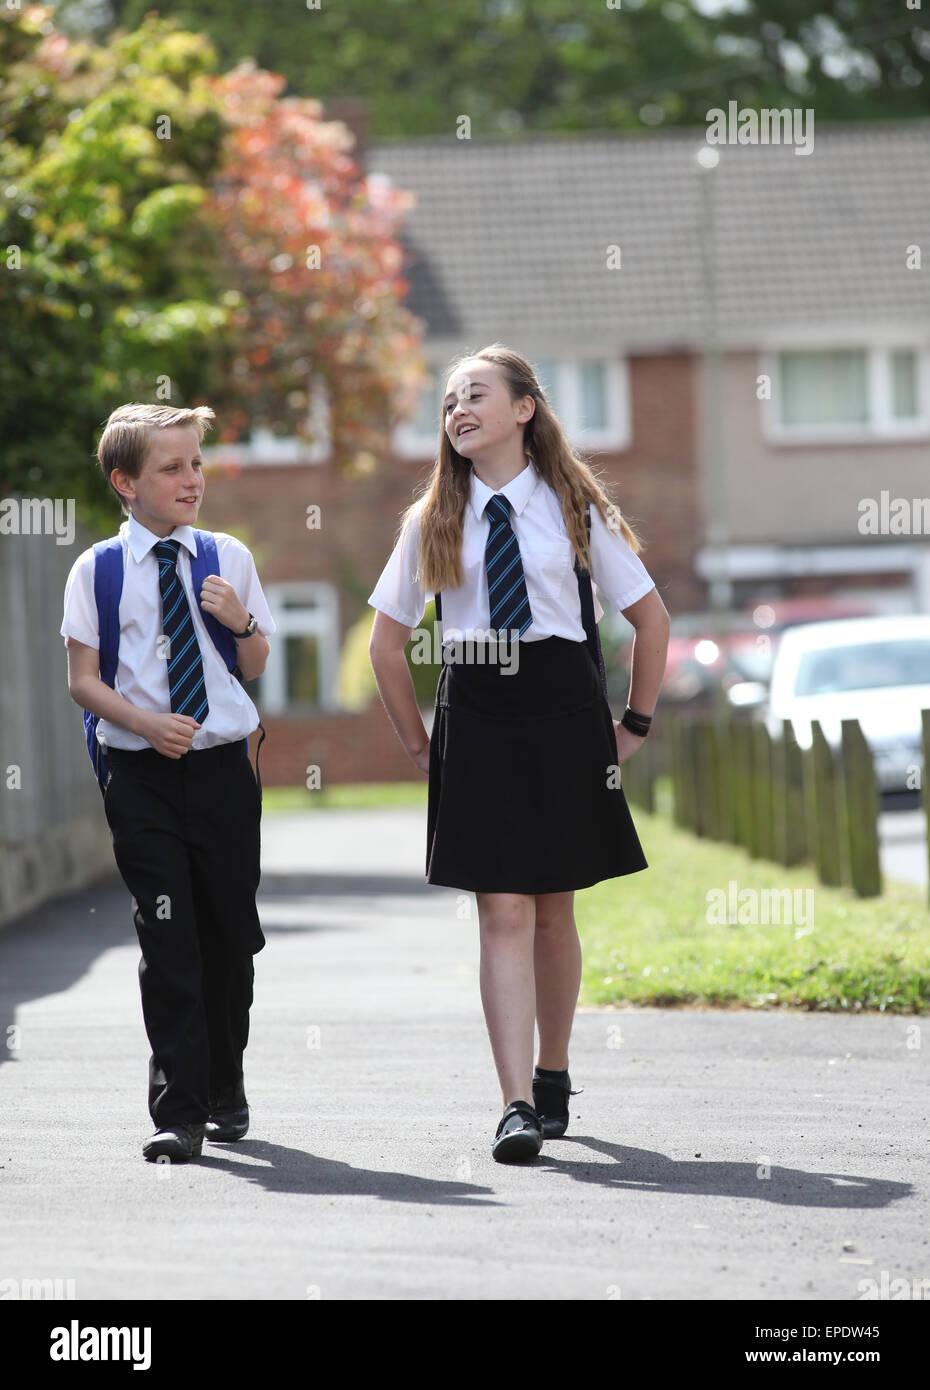 School pupils in uniform walking to school UK - Stock Image